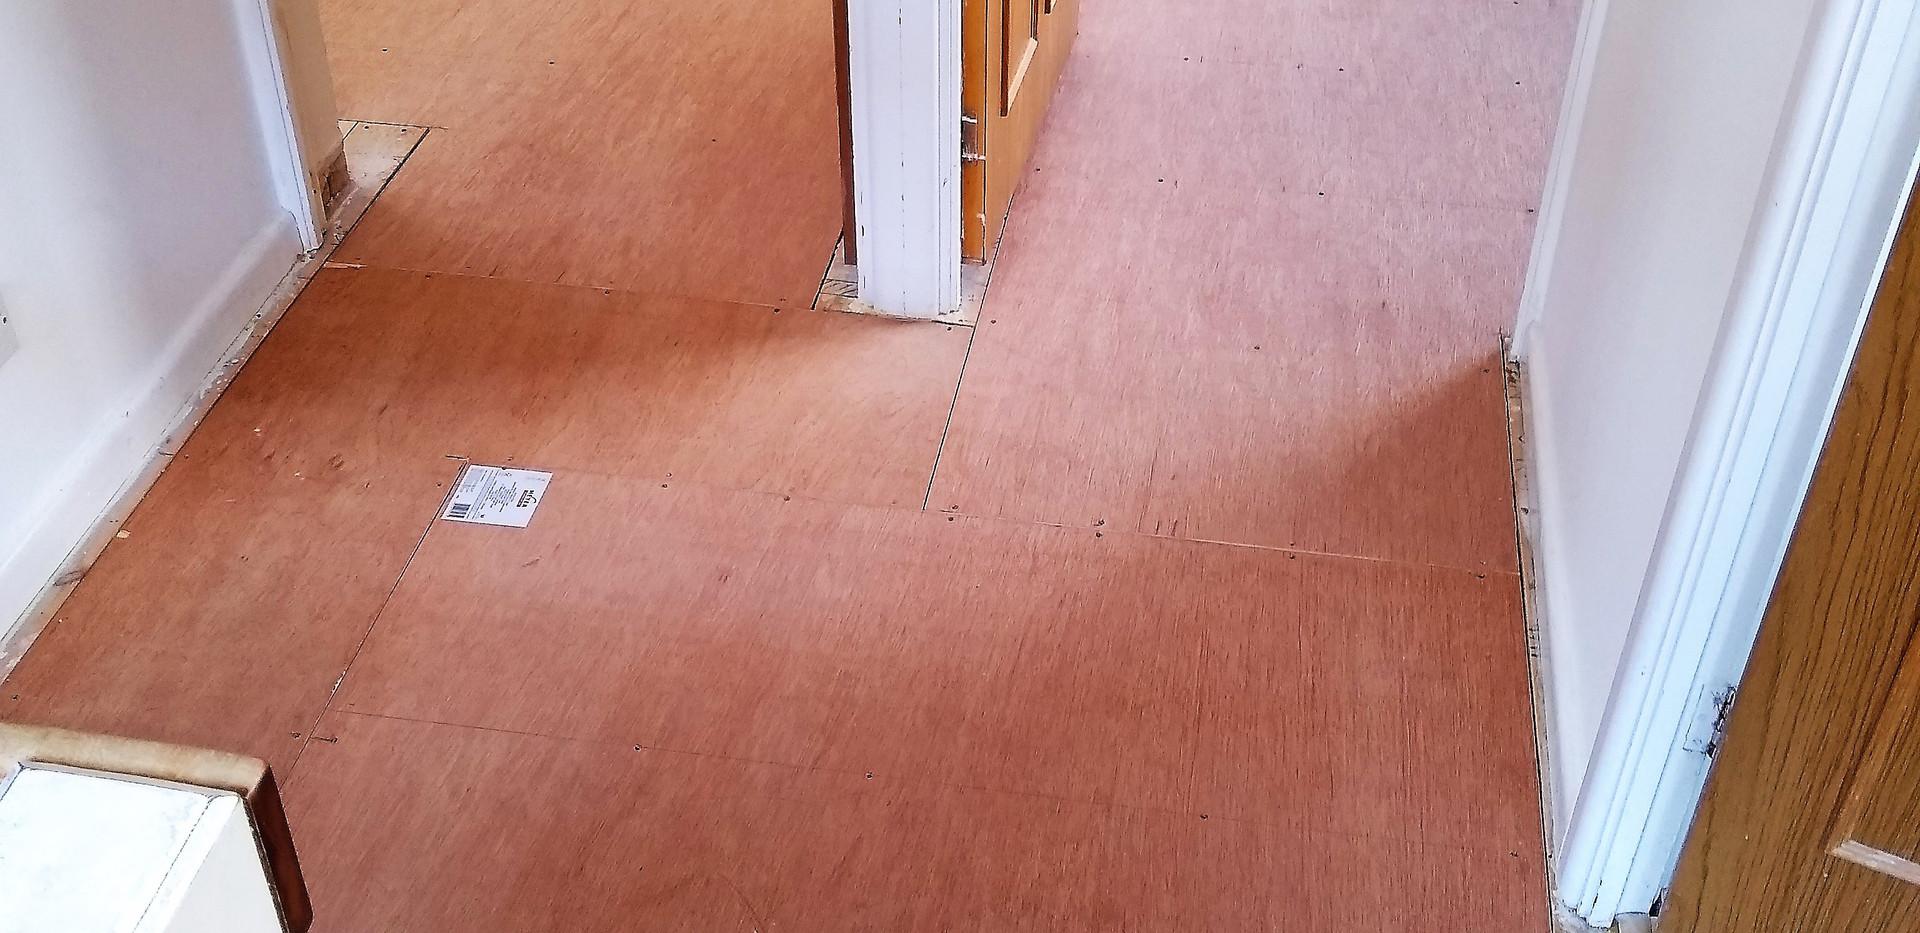 Squeaky floor repair